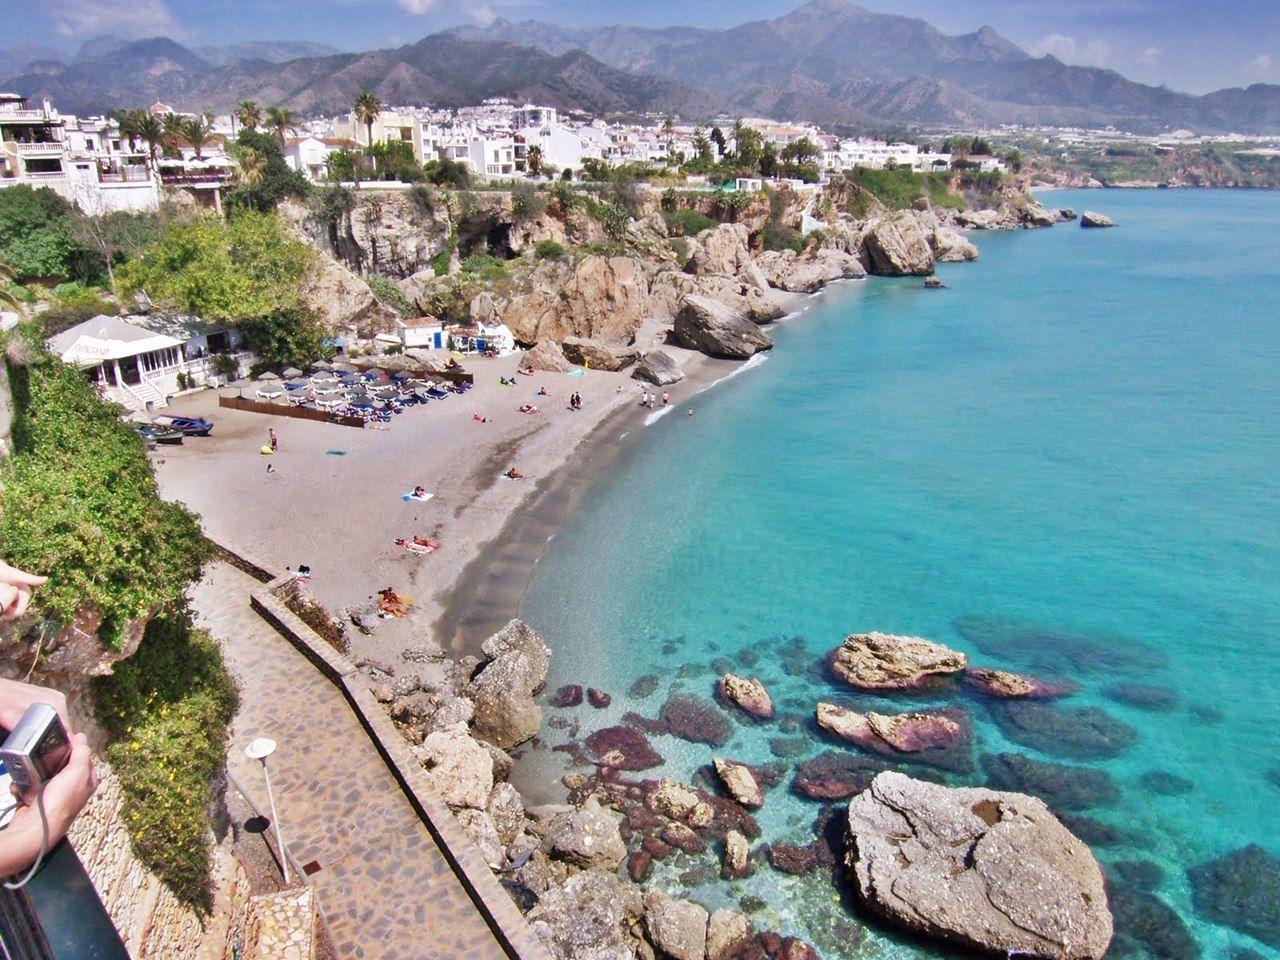 Nerja Uno De Nuestros Destinos Favoritos Para Disfrutar De Nuestras Vacaciones Estivales Un Típico Pueblo Andaluz En El Que Disfrutar De Nerja España Viajes